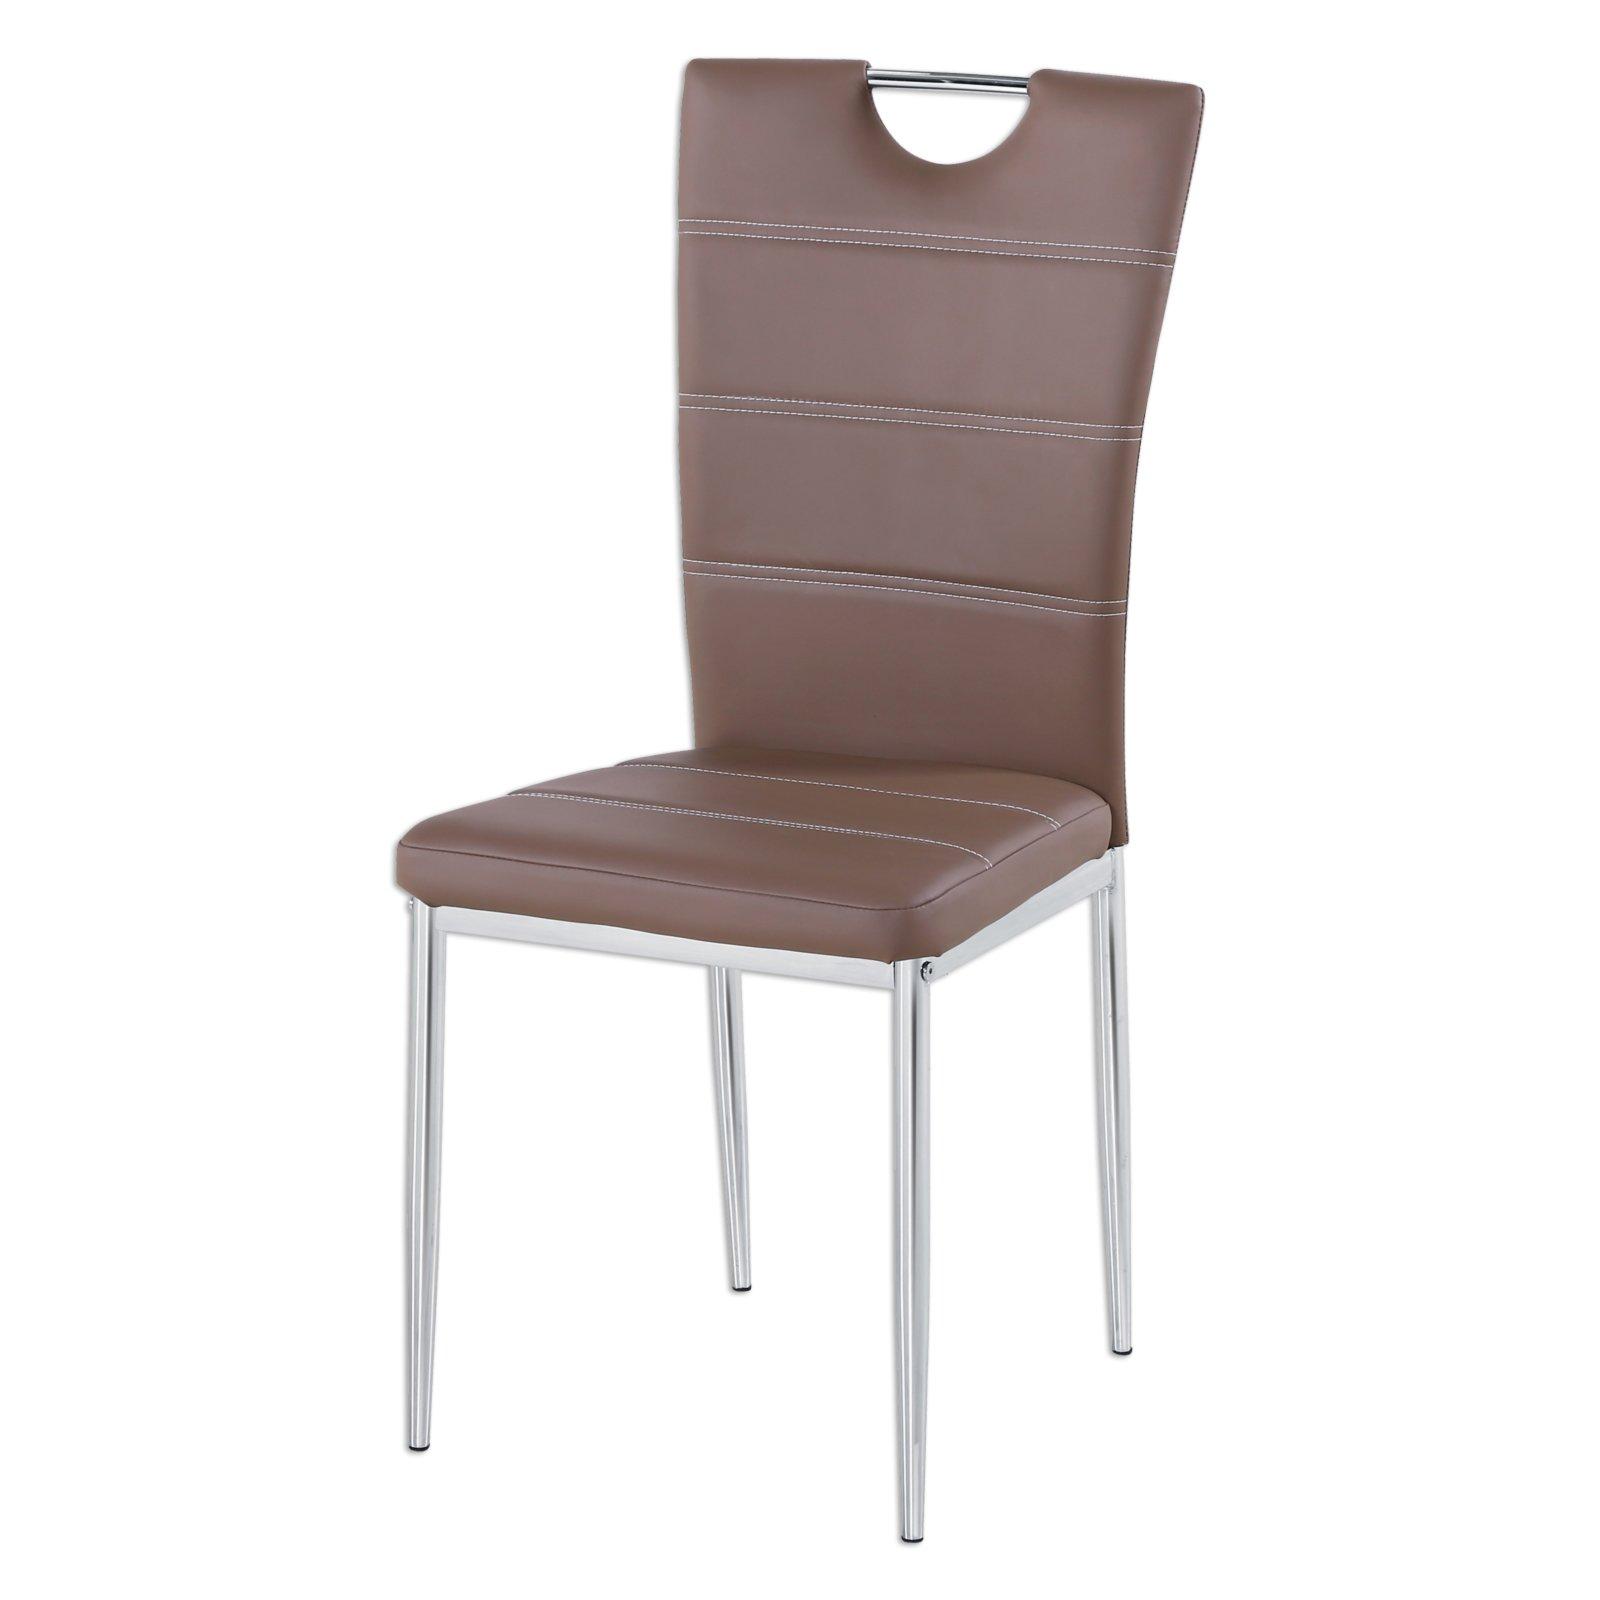 stuhl alex cappuccino kunstleder st hle st hle hocker m bel roller m belhaus. Black Bedroom Furniture Sets. Home Design Ideas